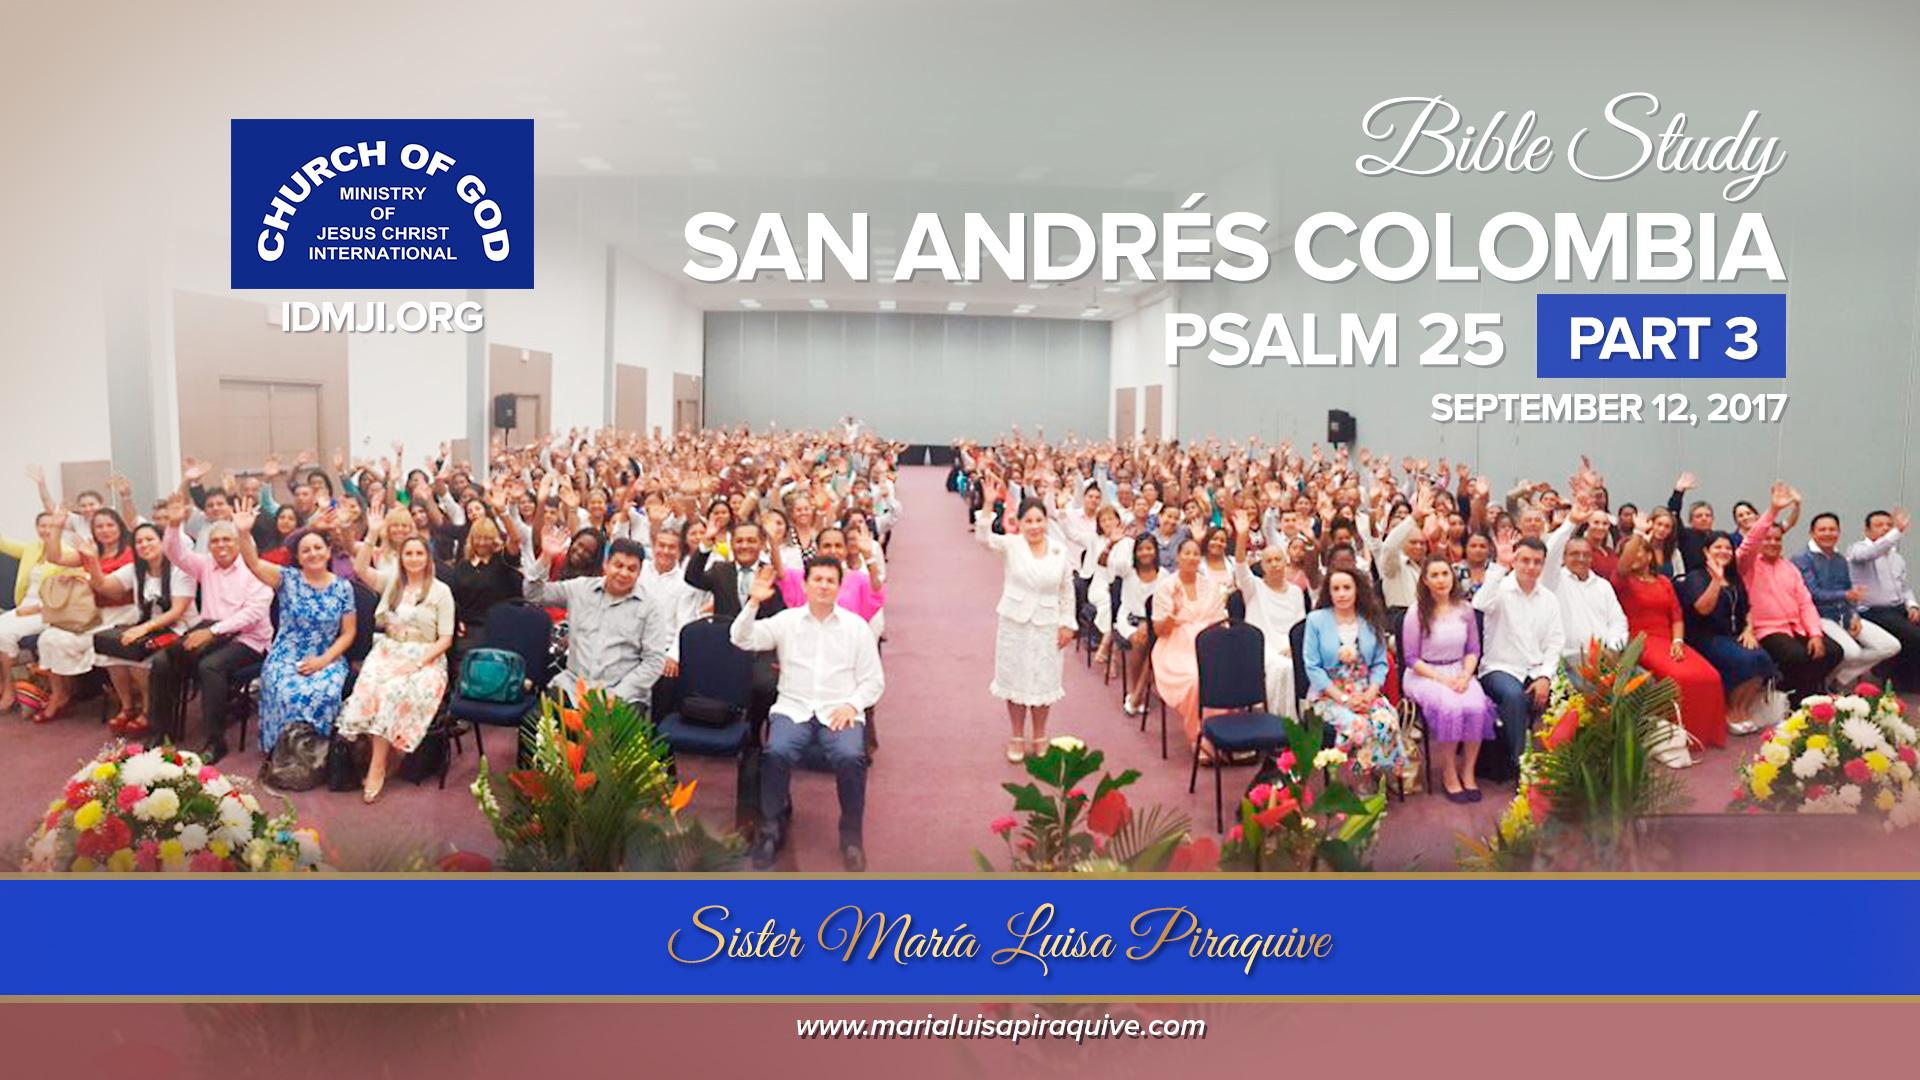 Bible Study: San Andrés Colombia (Part 3)